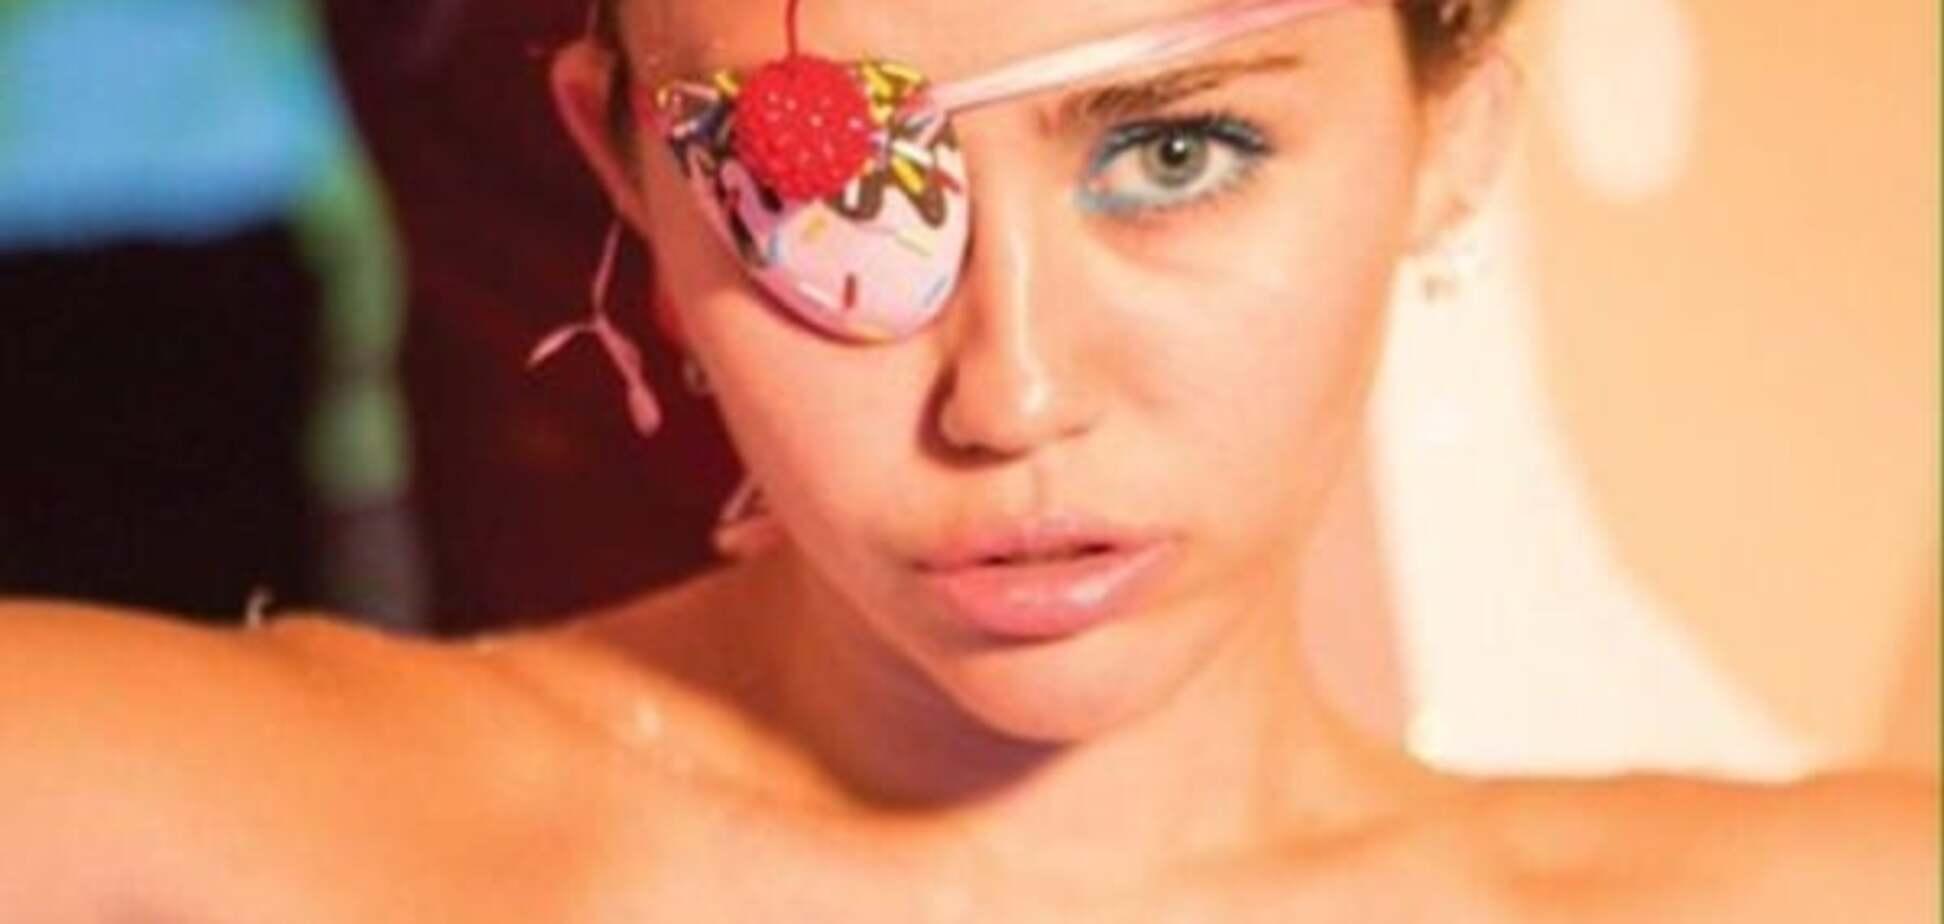 Майли Сайрус пикантно облизала целлофан для новой фотосессии